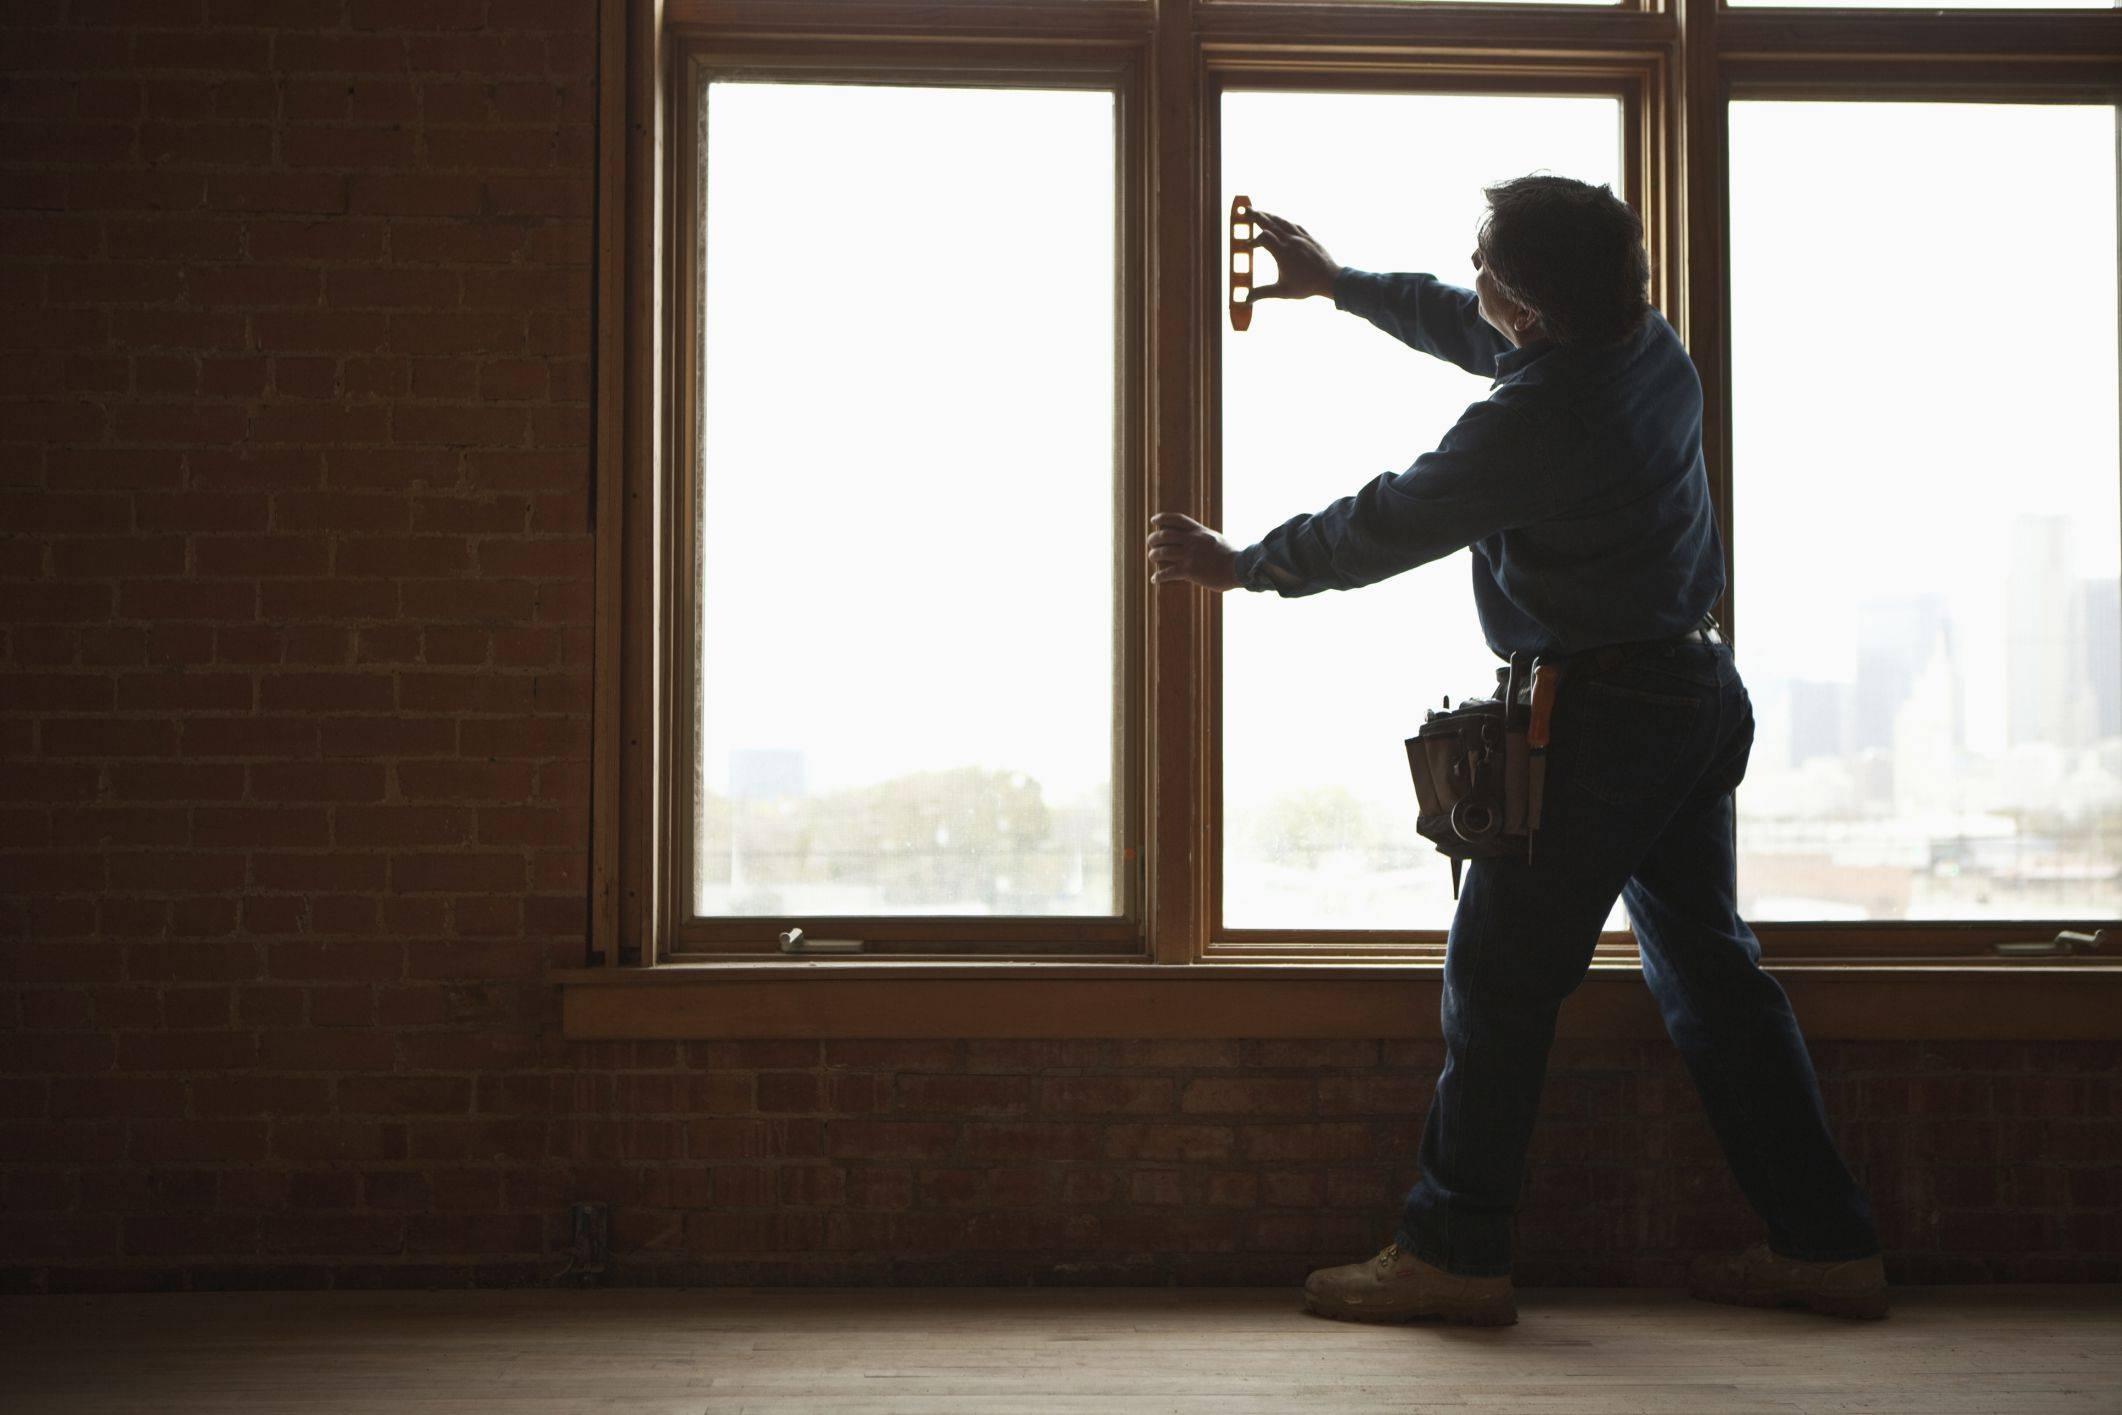 New Construction Window 56a4a15d5f9b58b7d0d7e636